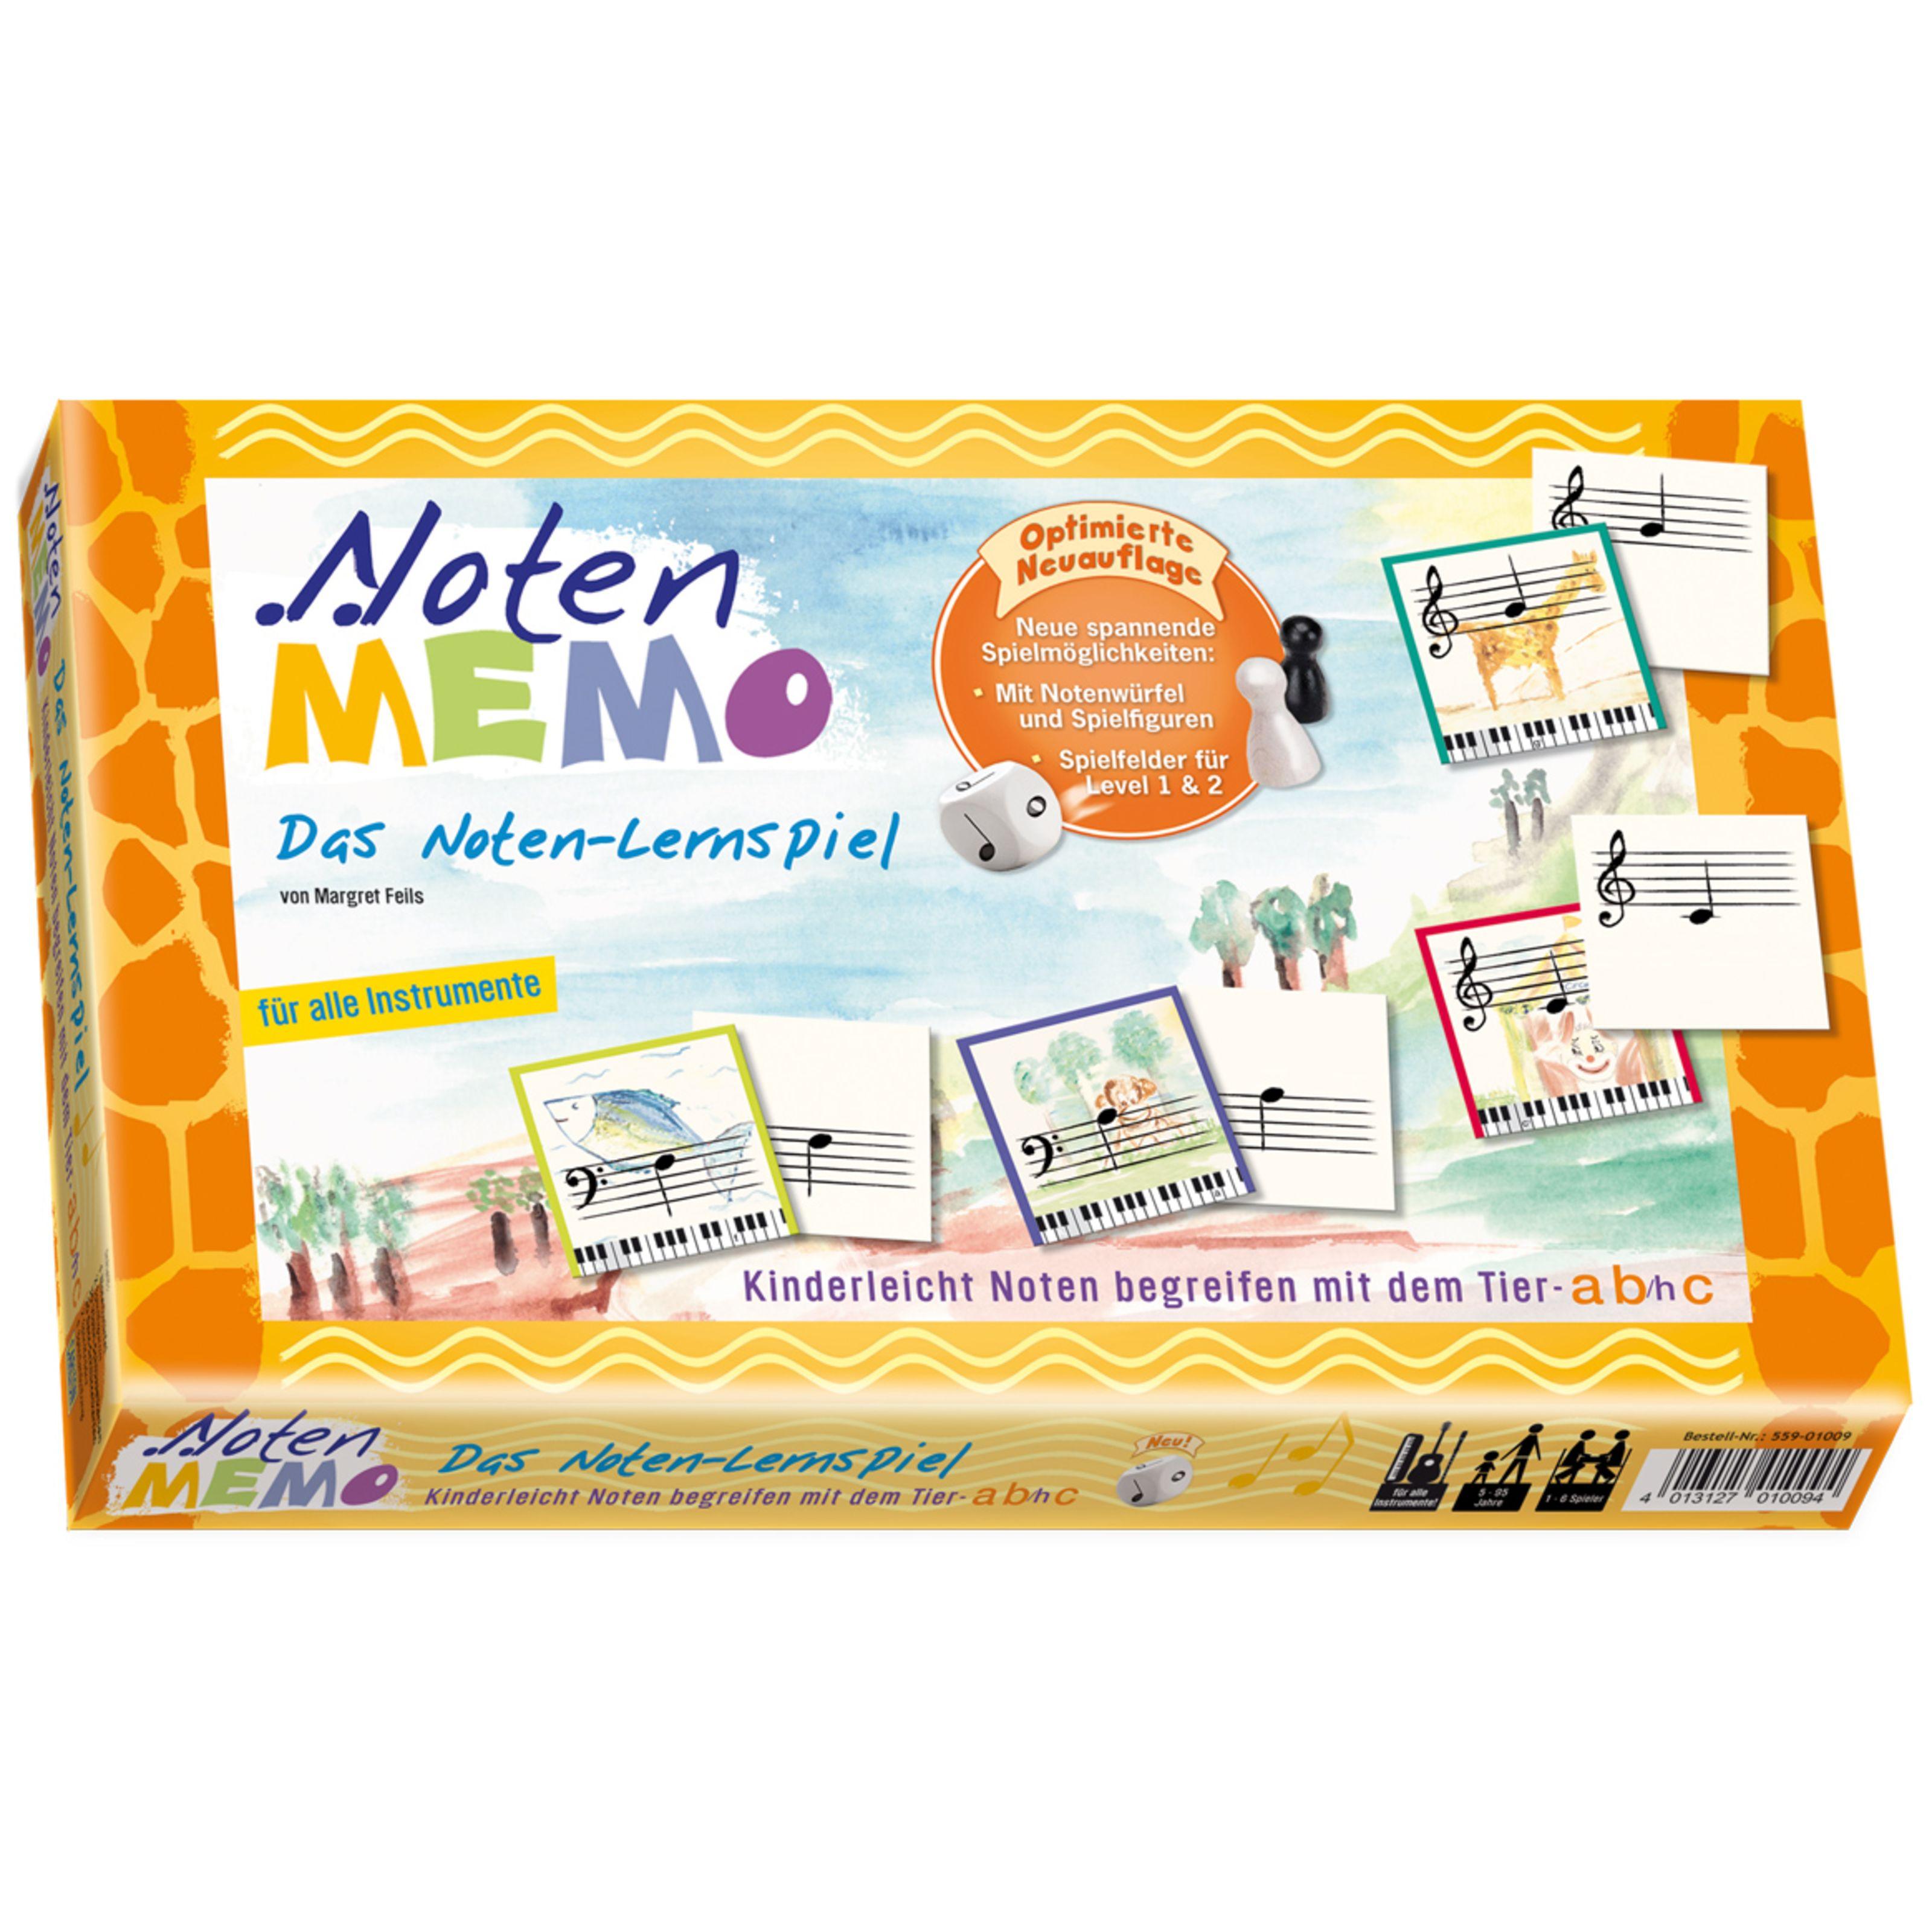 Carlton Musikvertrieb - Noten-Memo - Das Noten-Lernspiel 559-01009